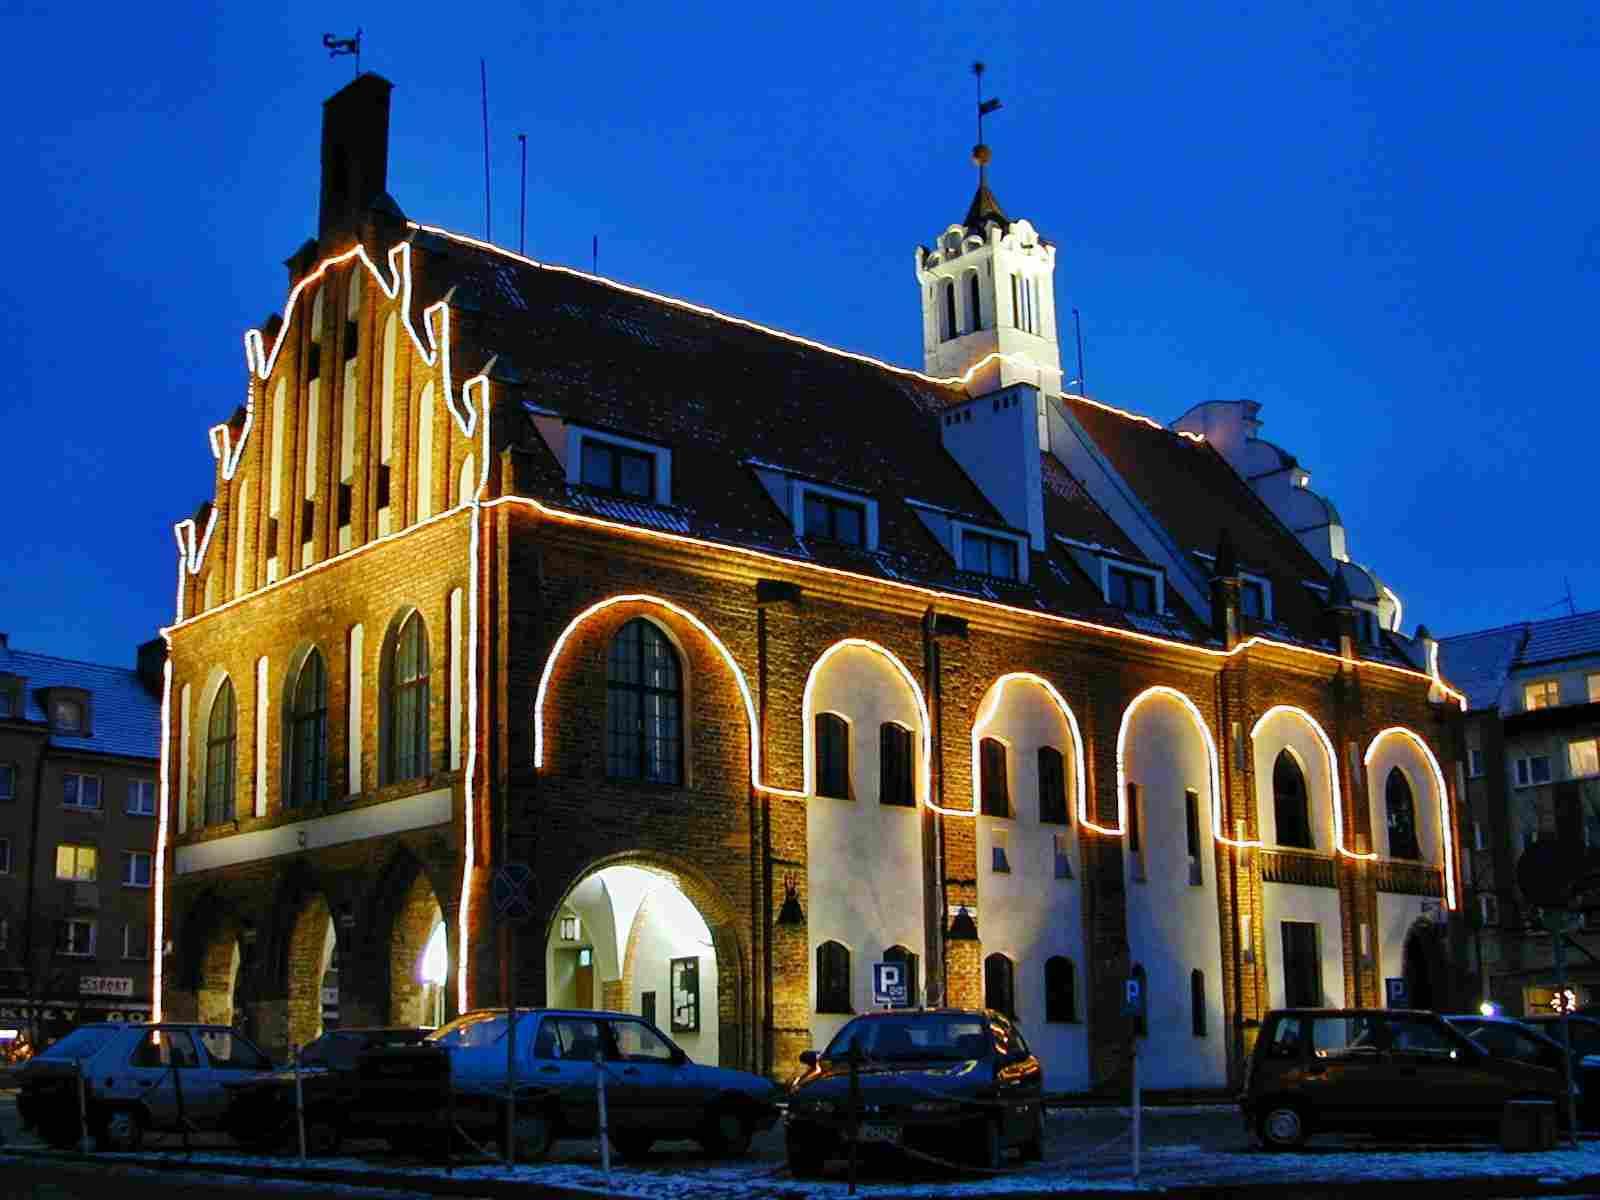 Kamien_Pomorski_Rathaus-k